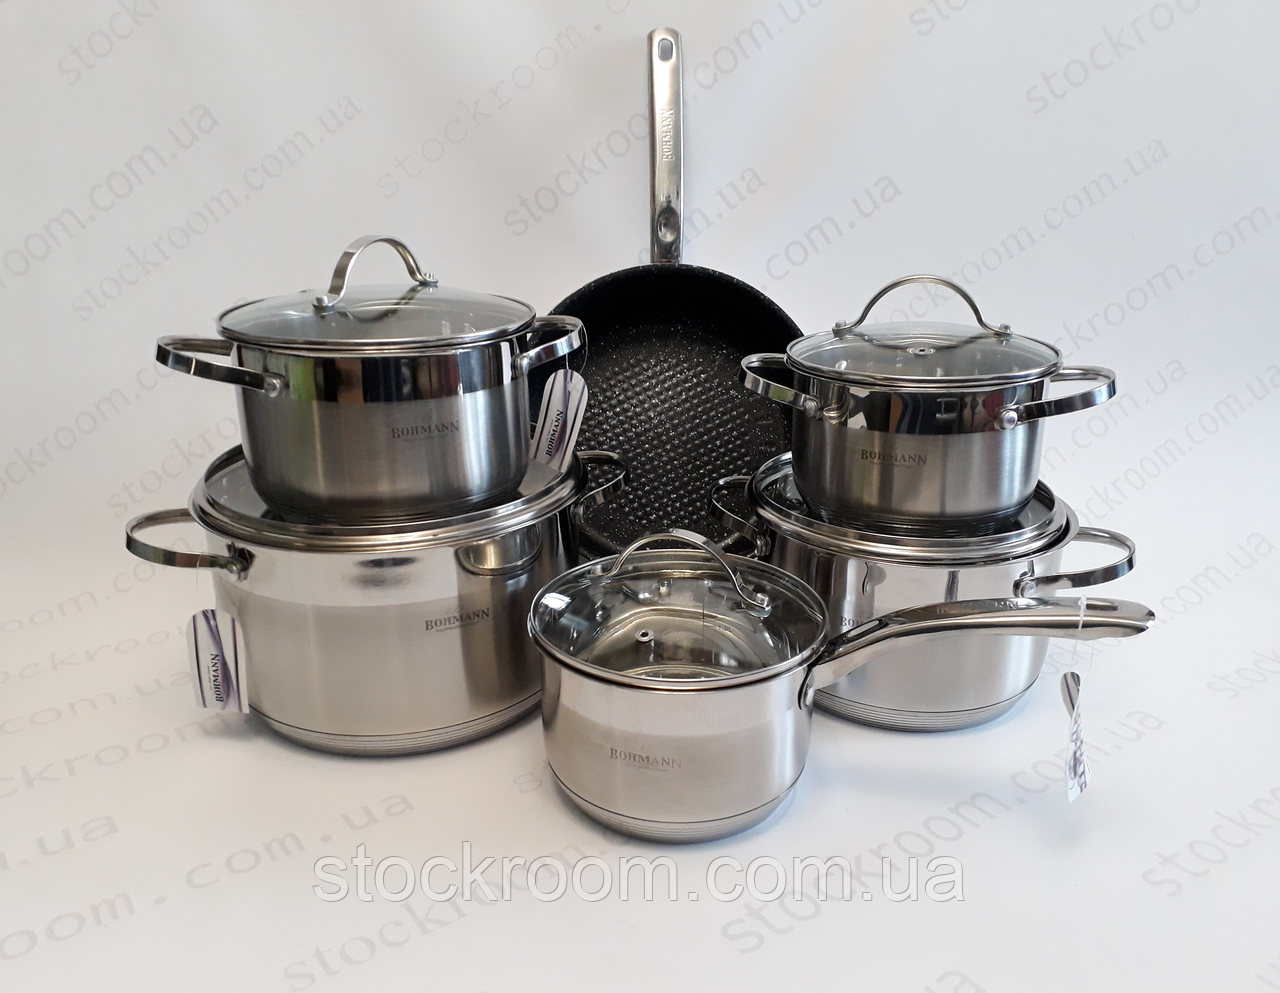 Набор посуды из нержавеющей стали Bohmann BH 1288 MRB